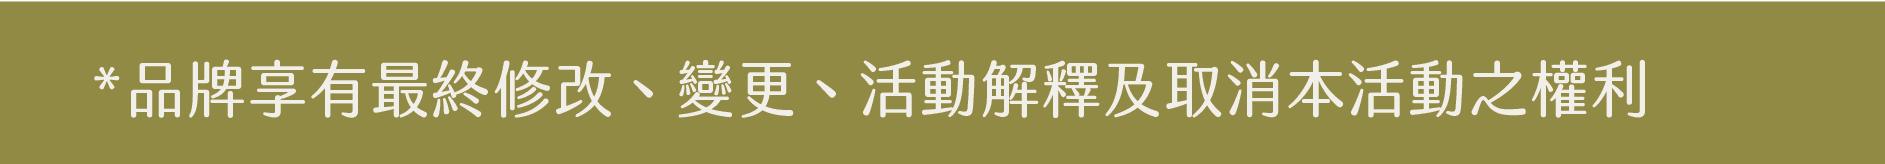 檜山坊 誠品信義店開幕慶【 三重優惠懶人包】